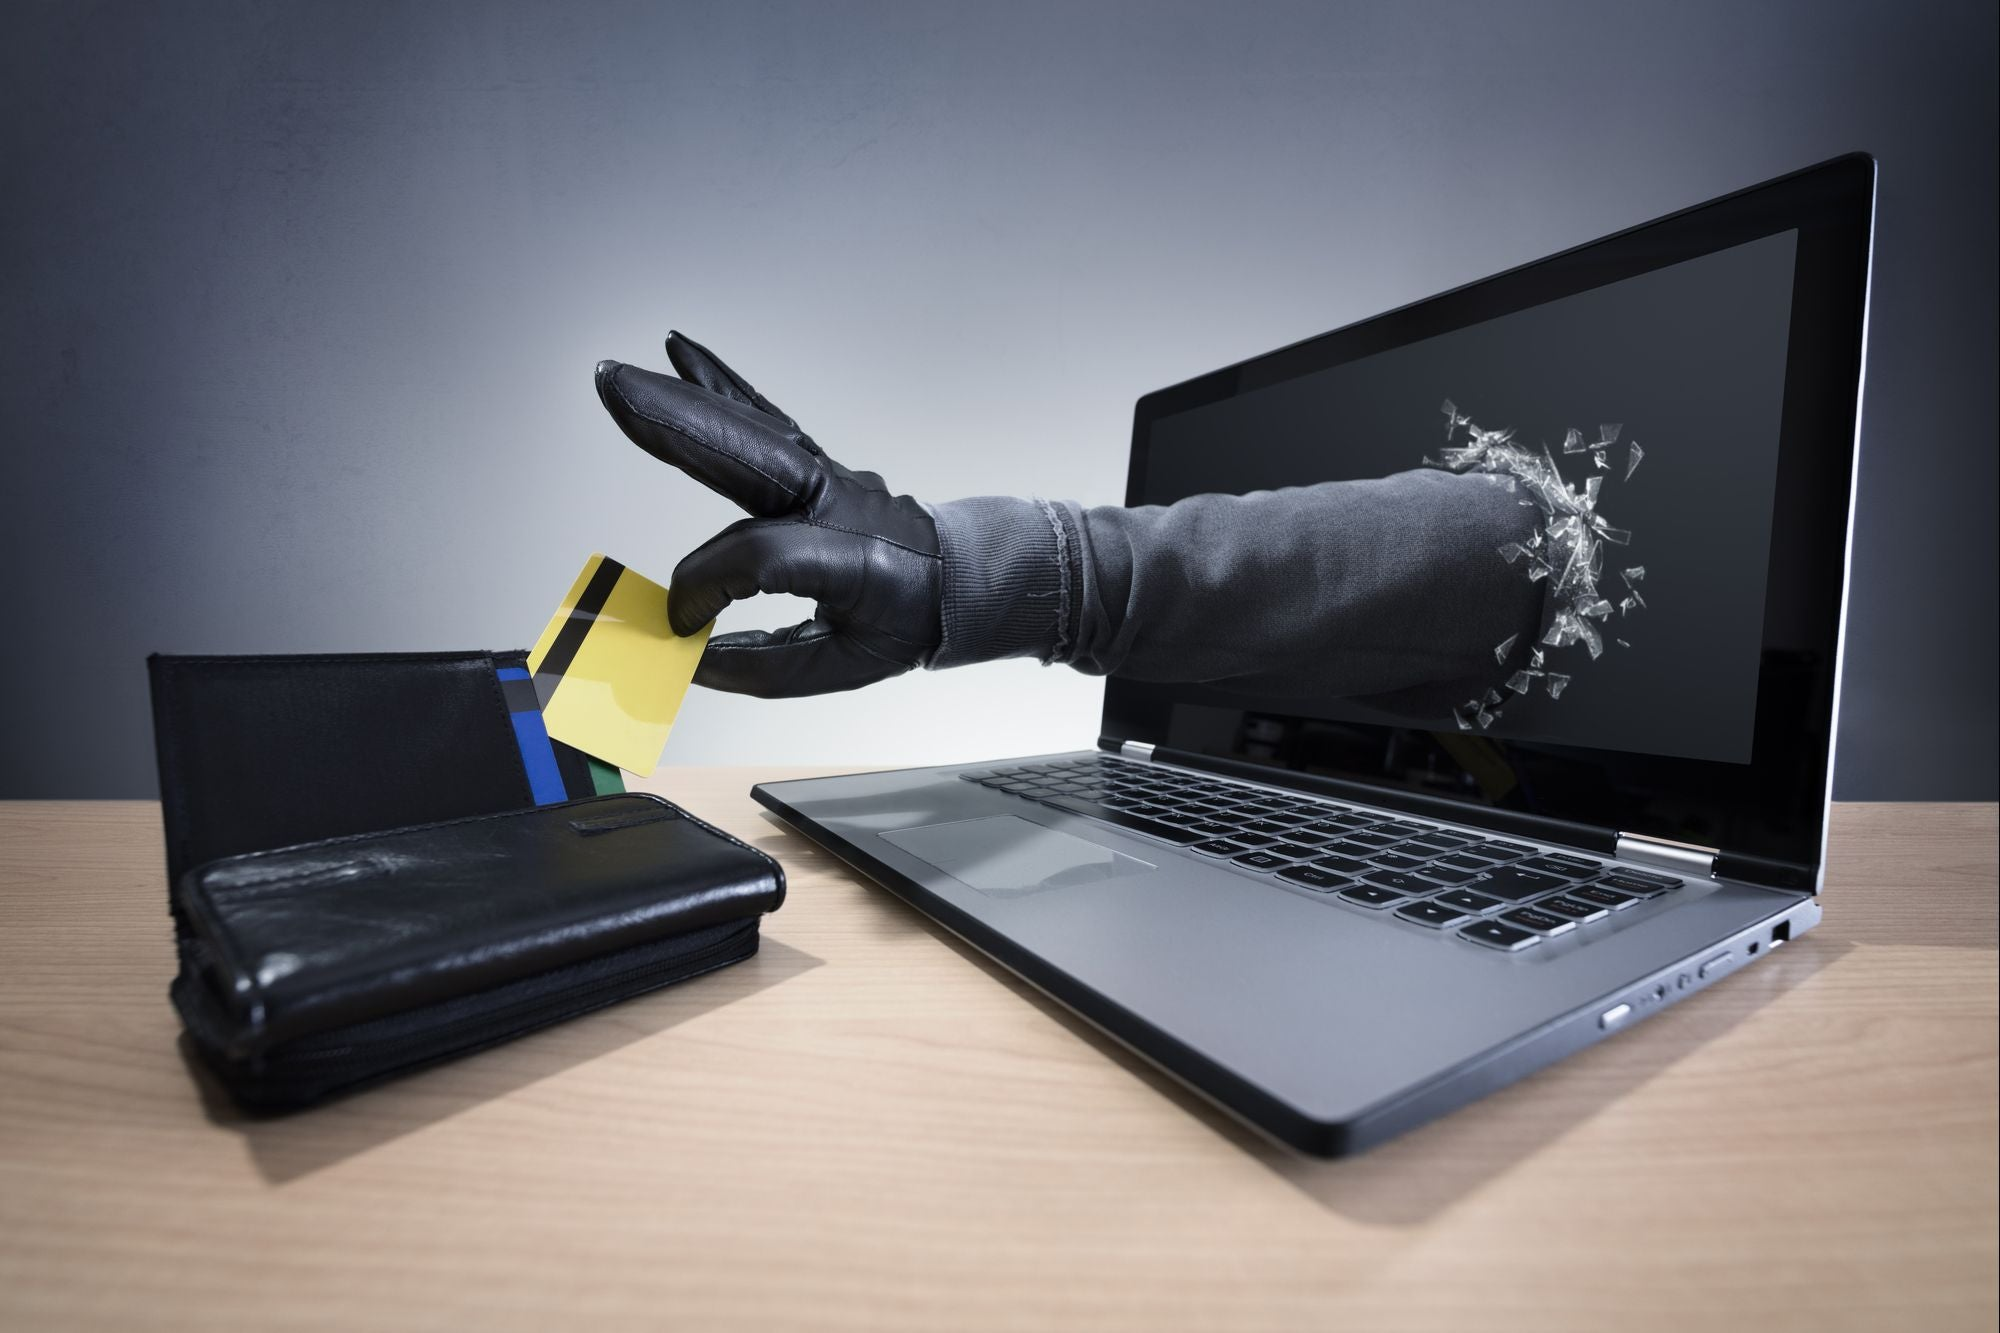 5 formas de prevenir el robo de identidad y fraude en tarjetas de crédito